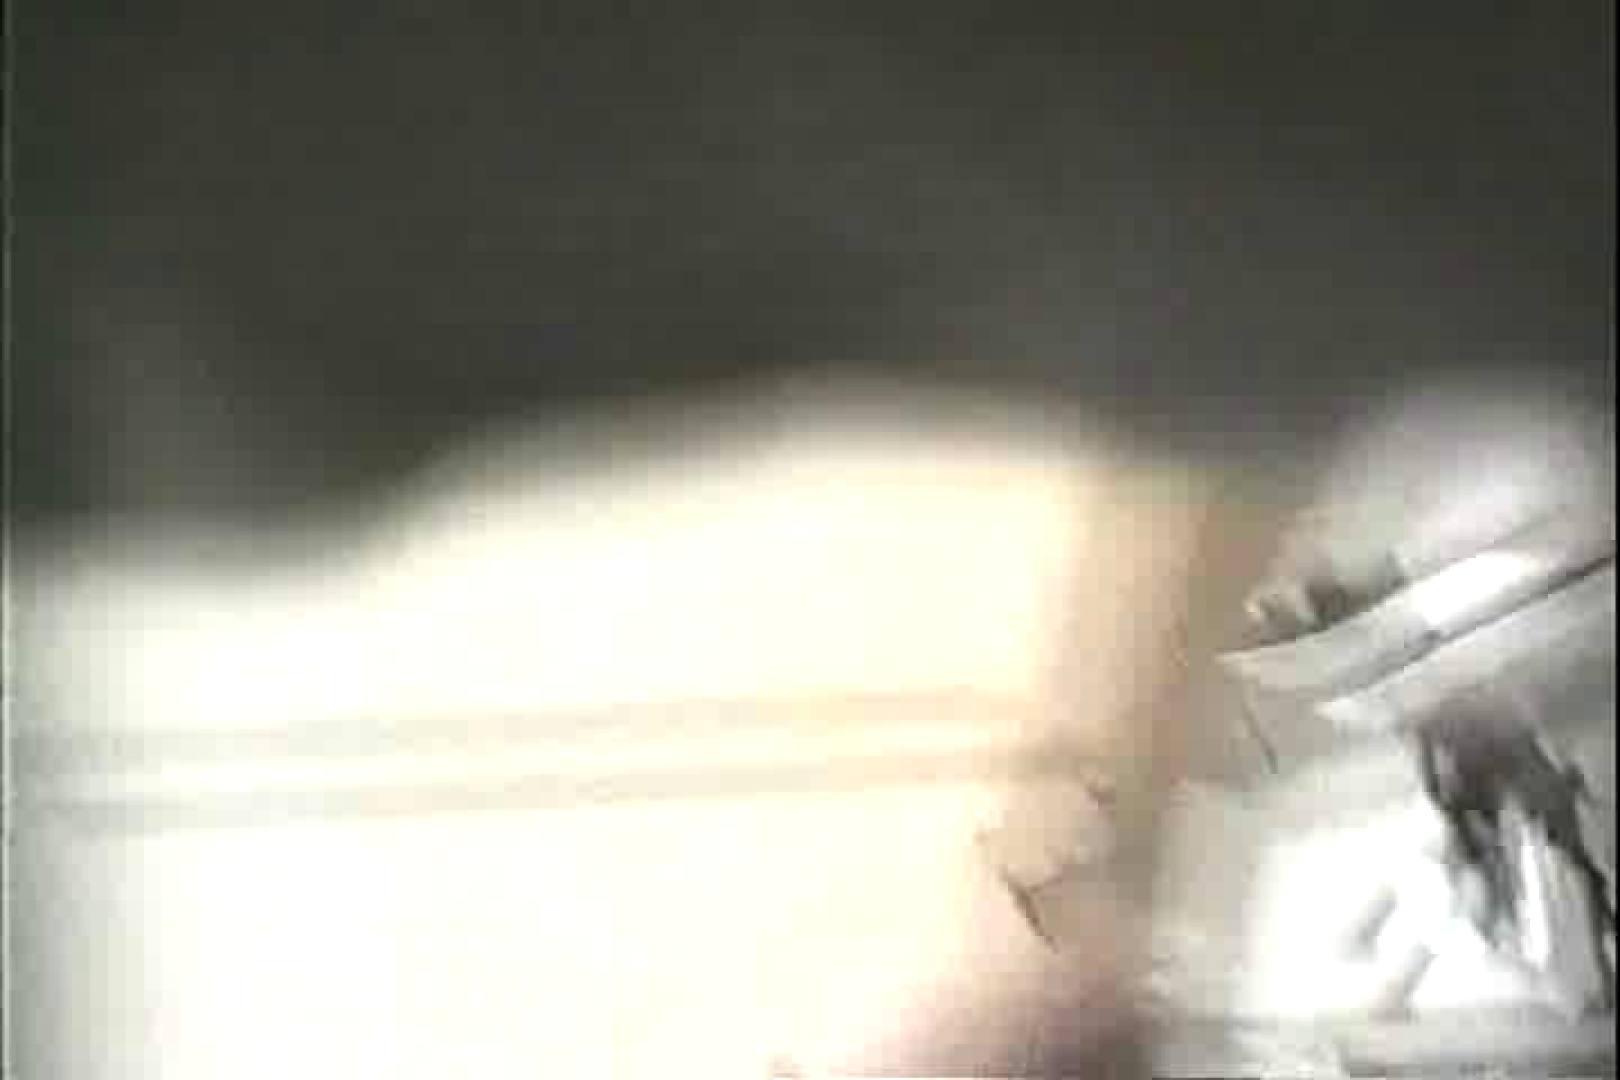 「ちくりん」さんのオリジナル未編集パンチラVol.3_02 エロティックなOL SEX無修正画像 87画像 6